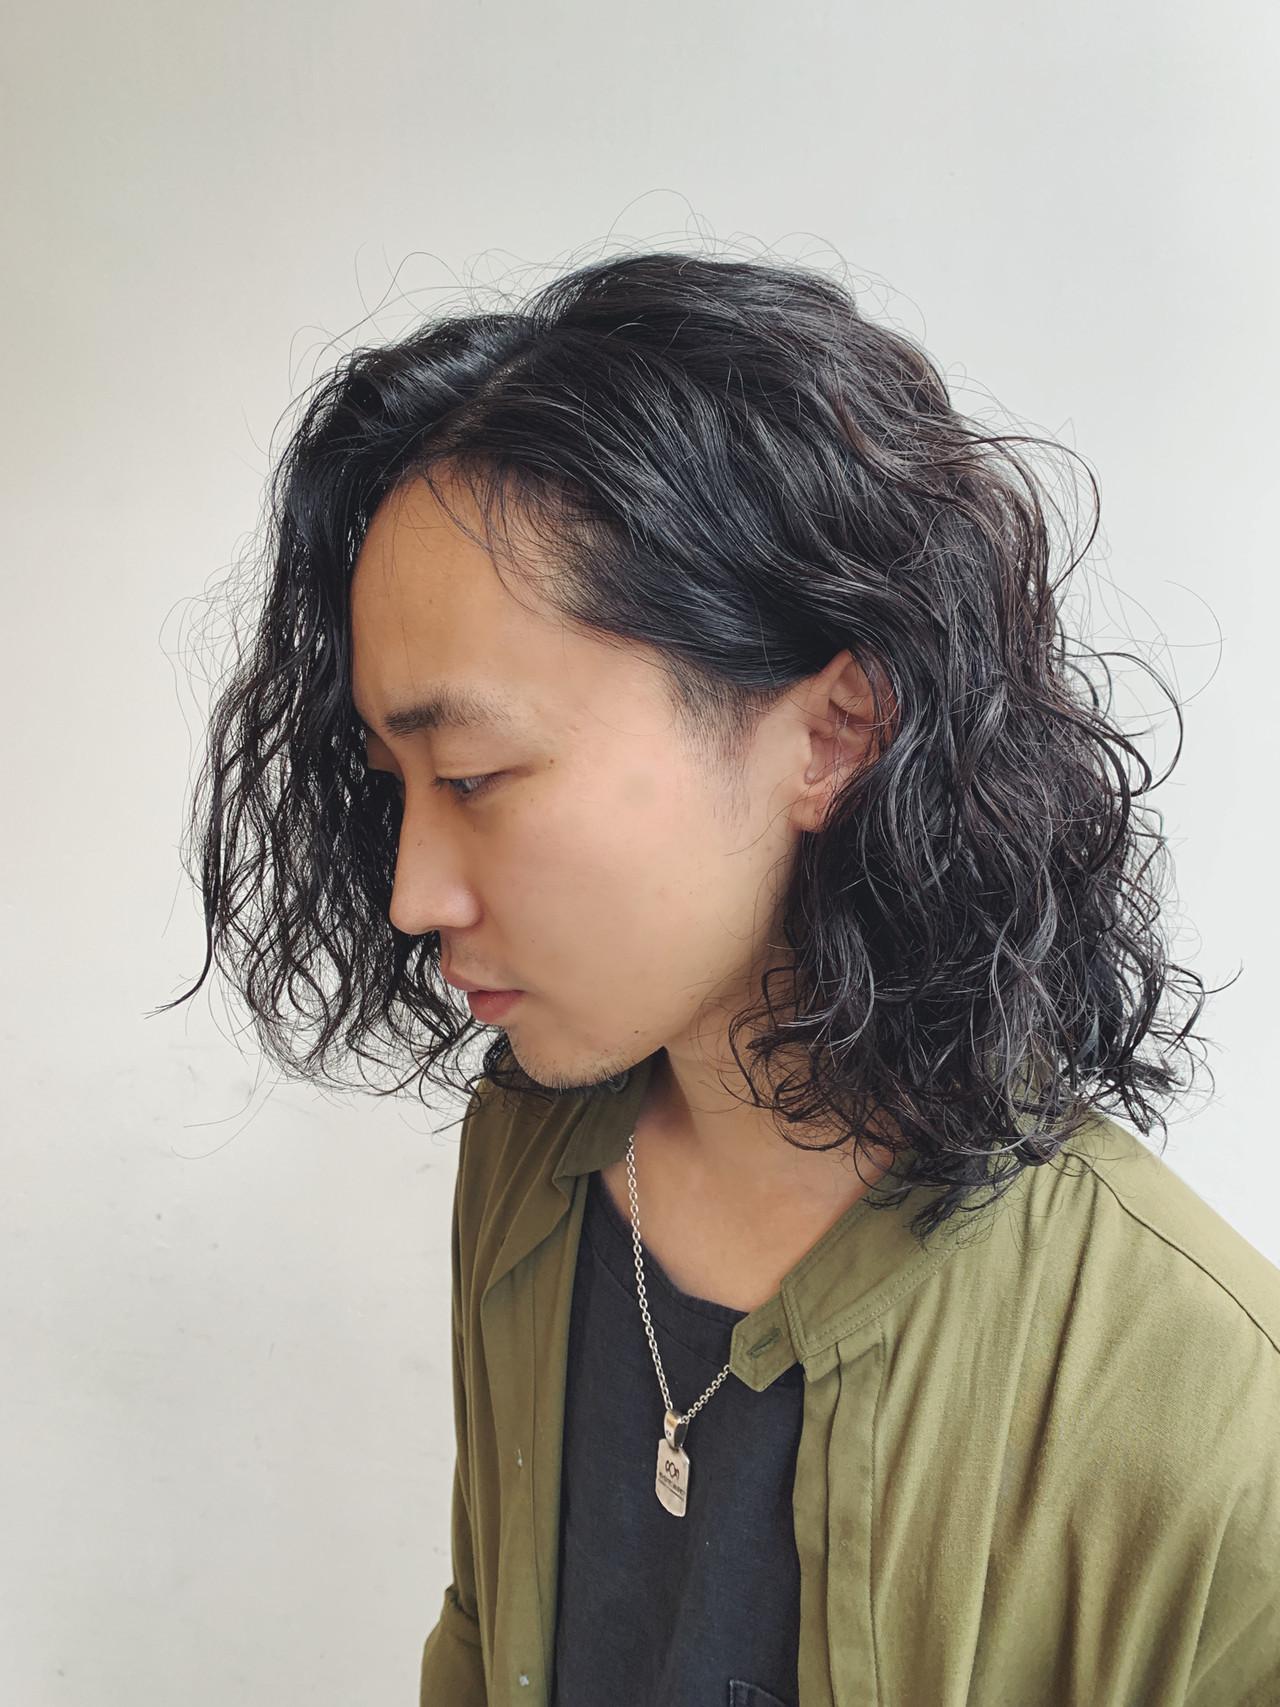 パーマ メンズパーマ ストリート 黒髪 ヘアスタイルや髪型の写真・画像